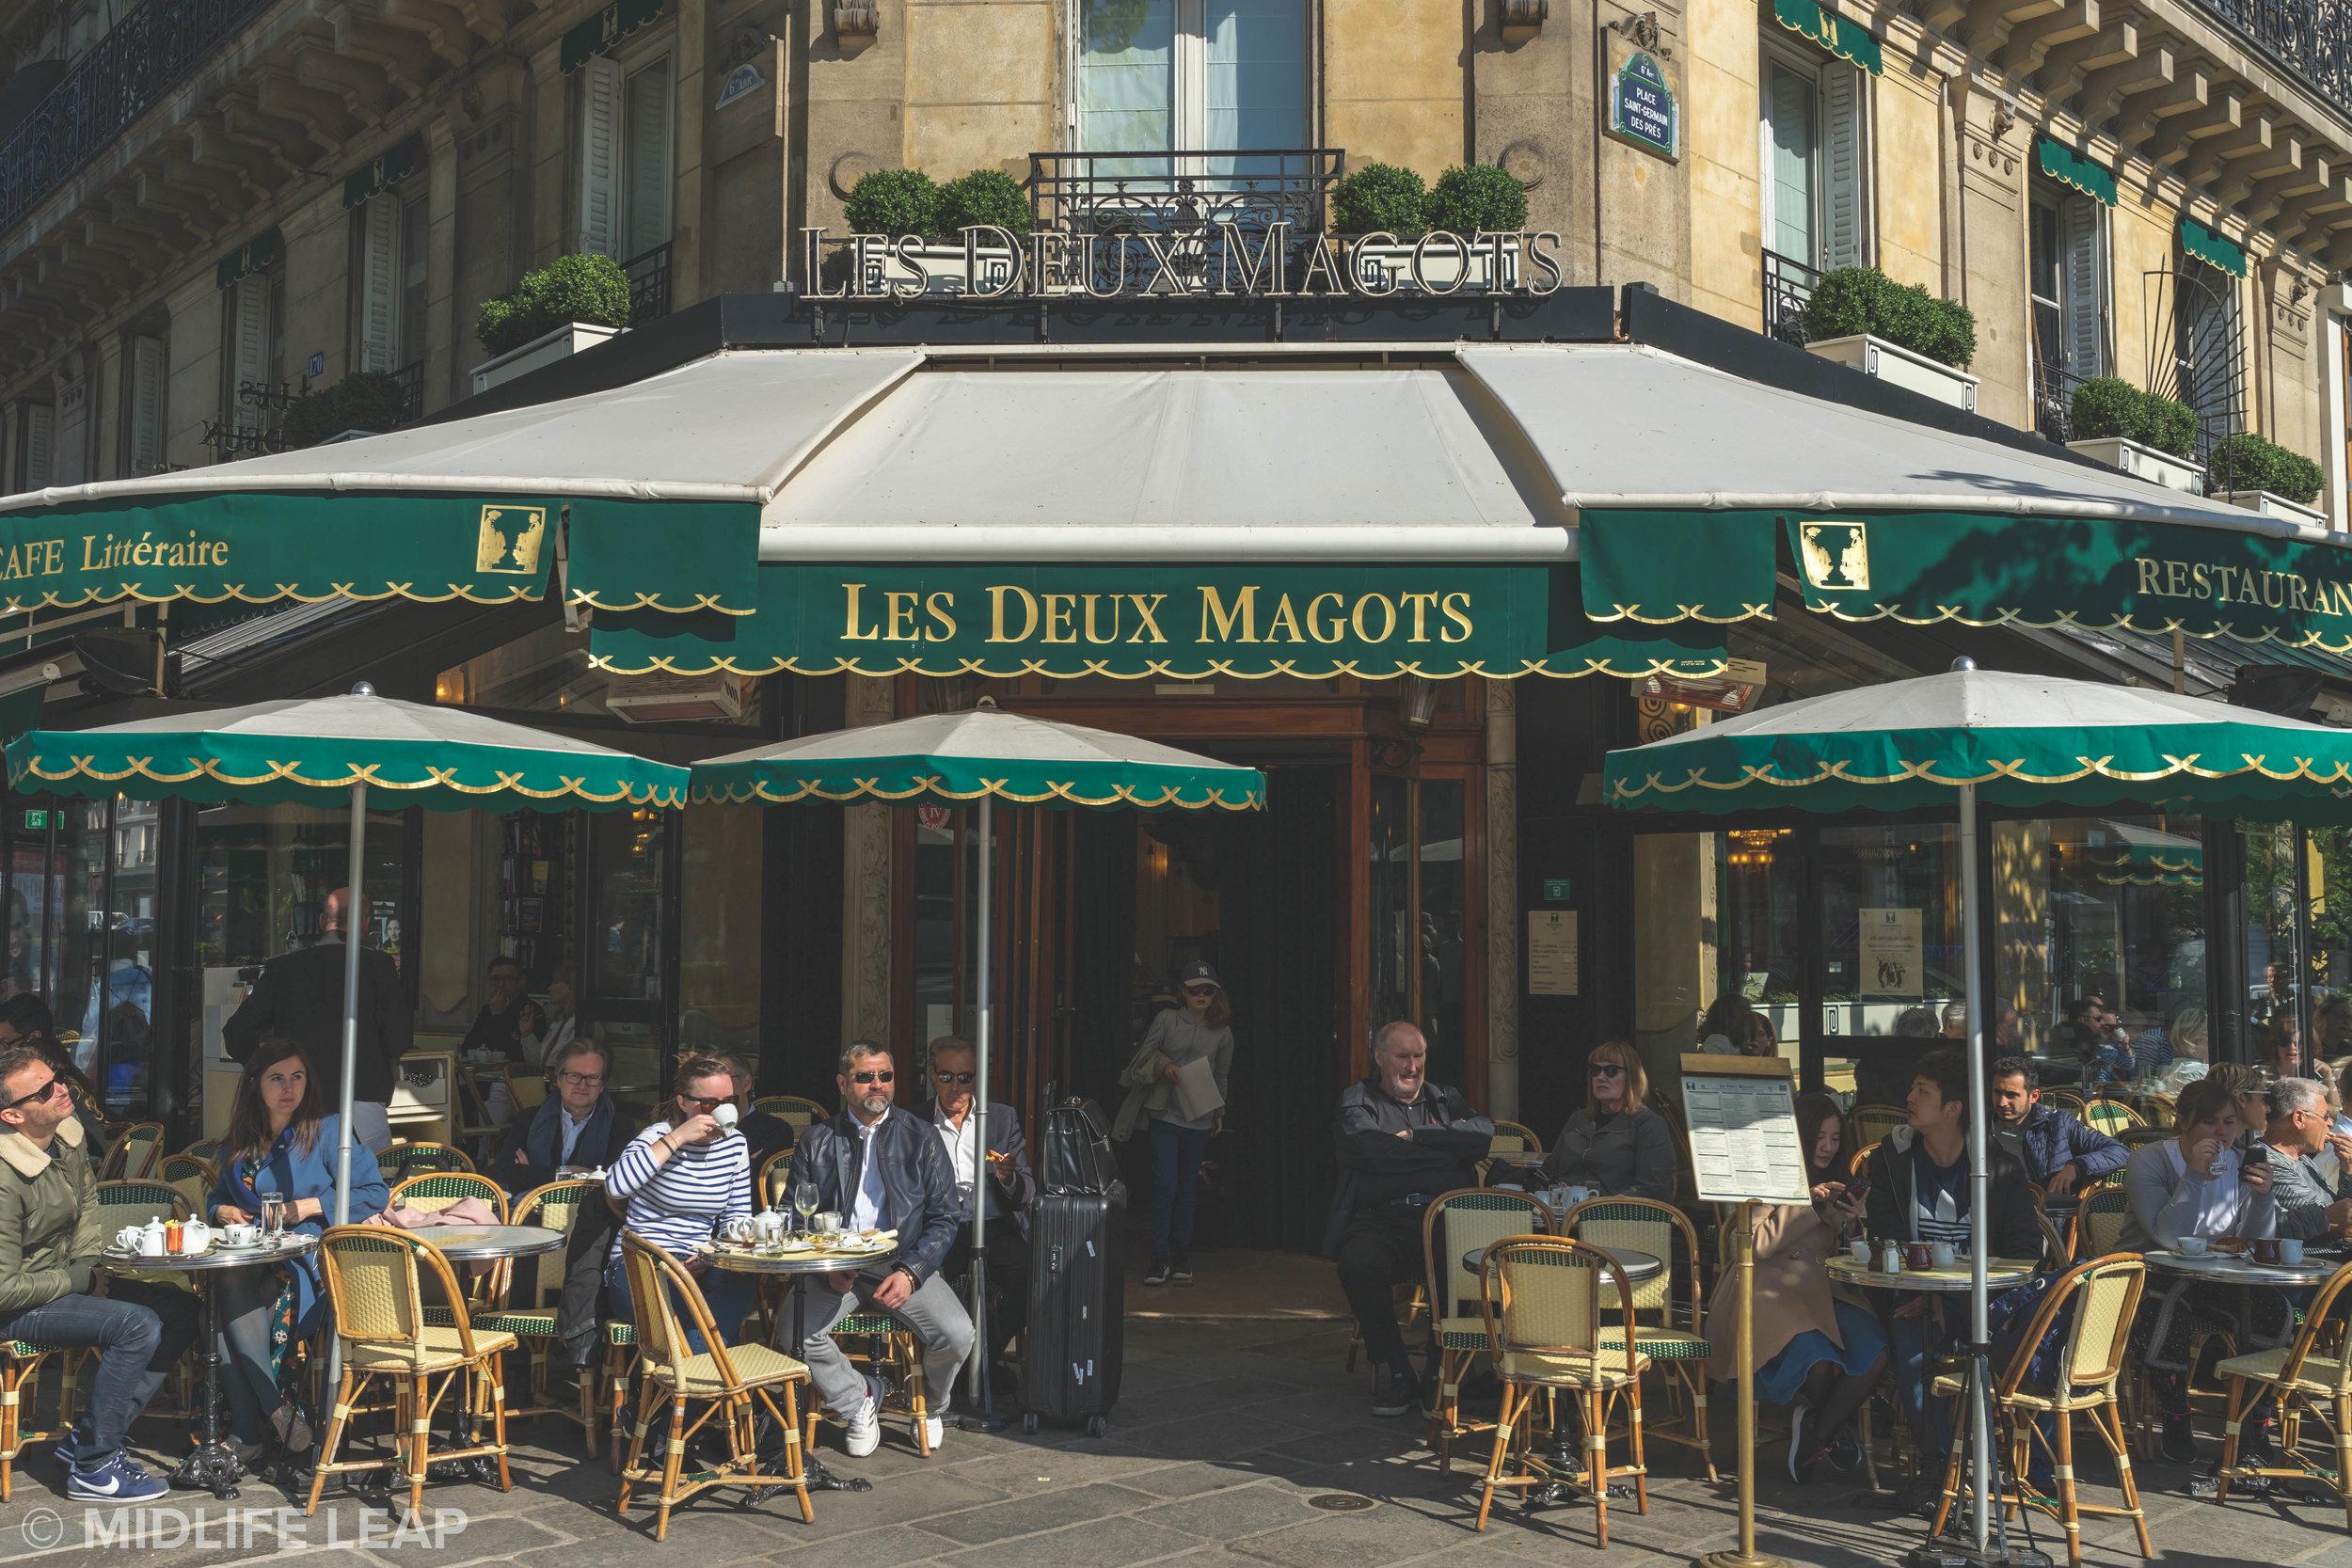 les-deux-magots-best-cafes-in-saint-germain-paris